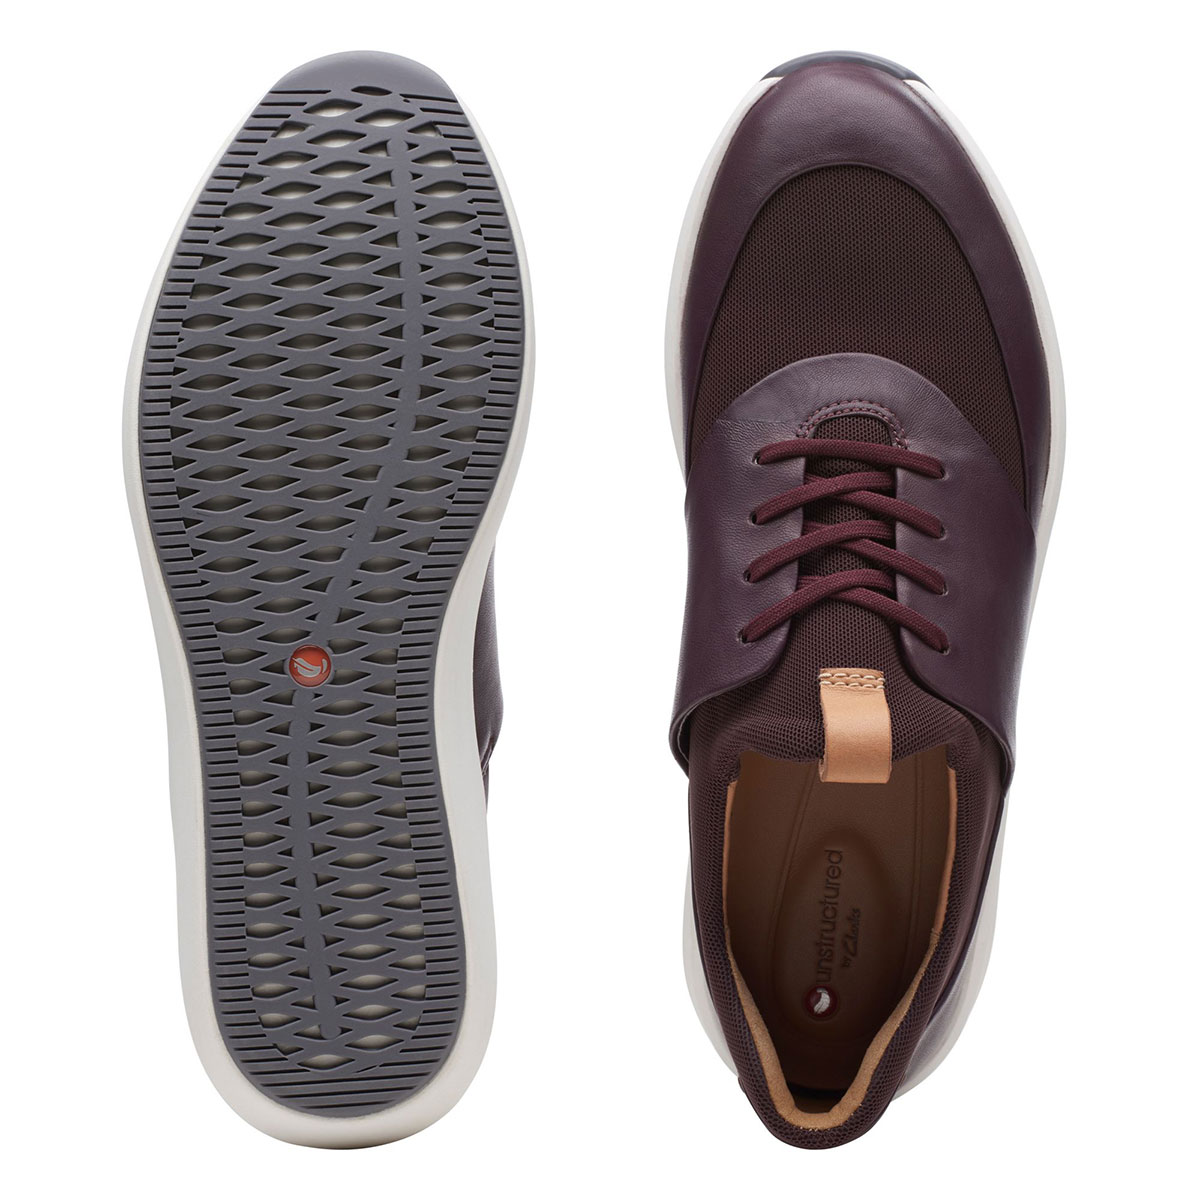 дамски виненочервени ежедневни кожени обувки Clarks Un Rio Lace изглед отгоре и отдолу подметка